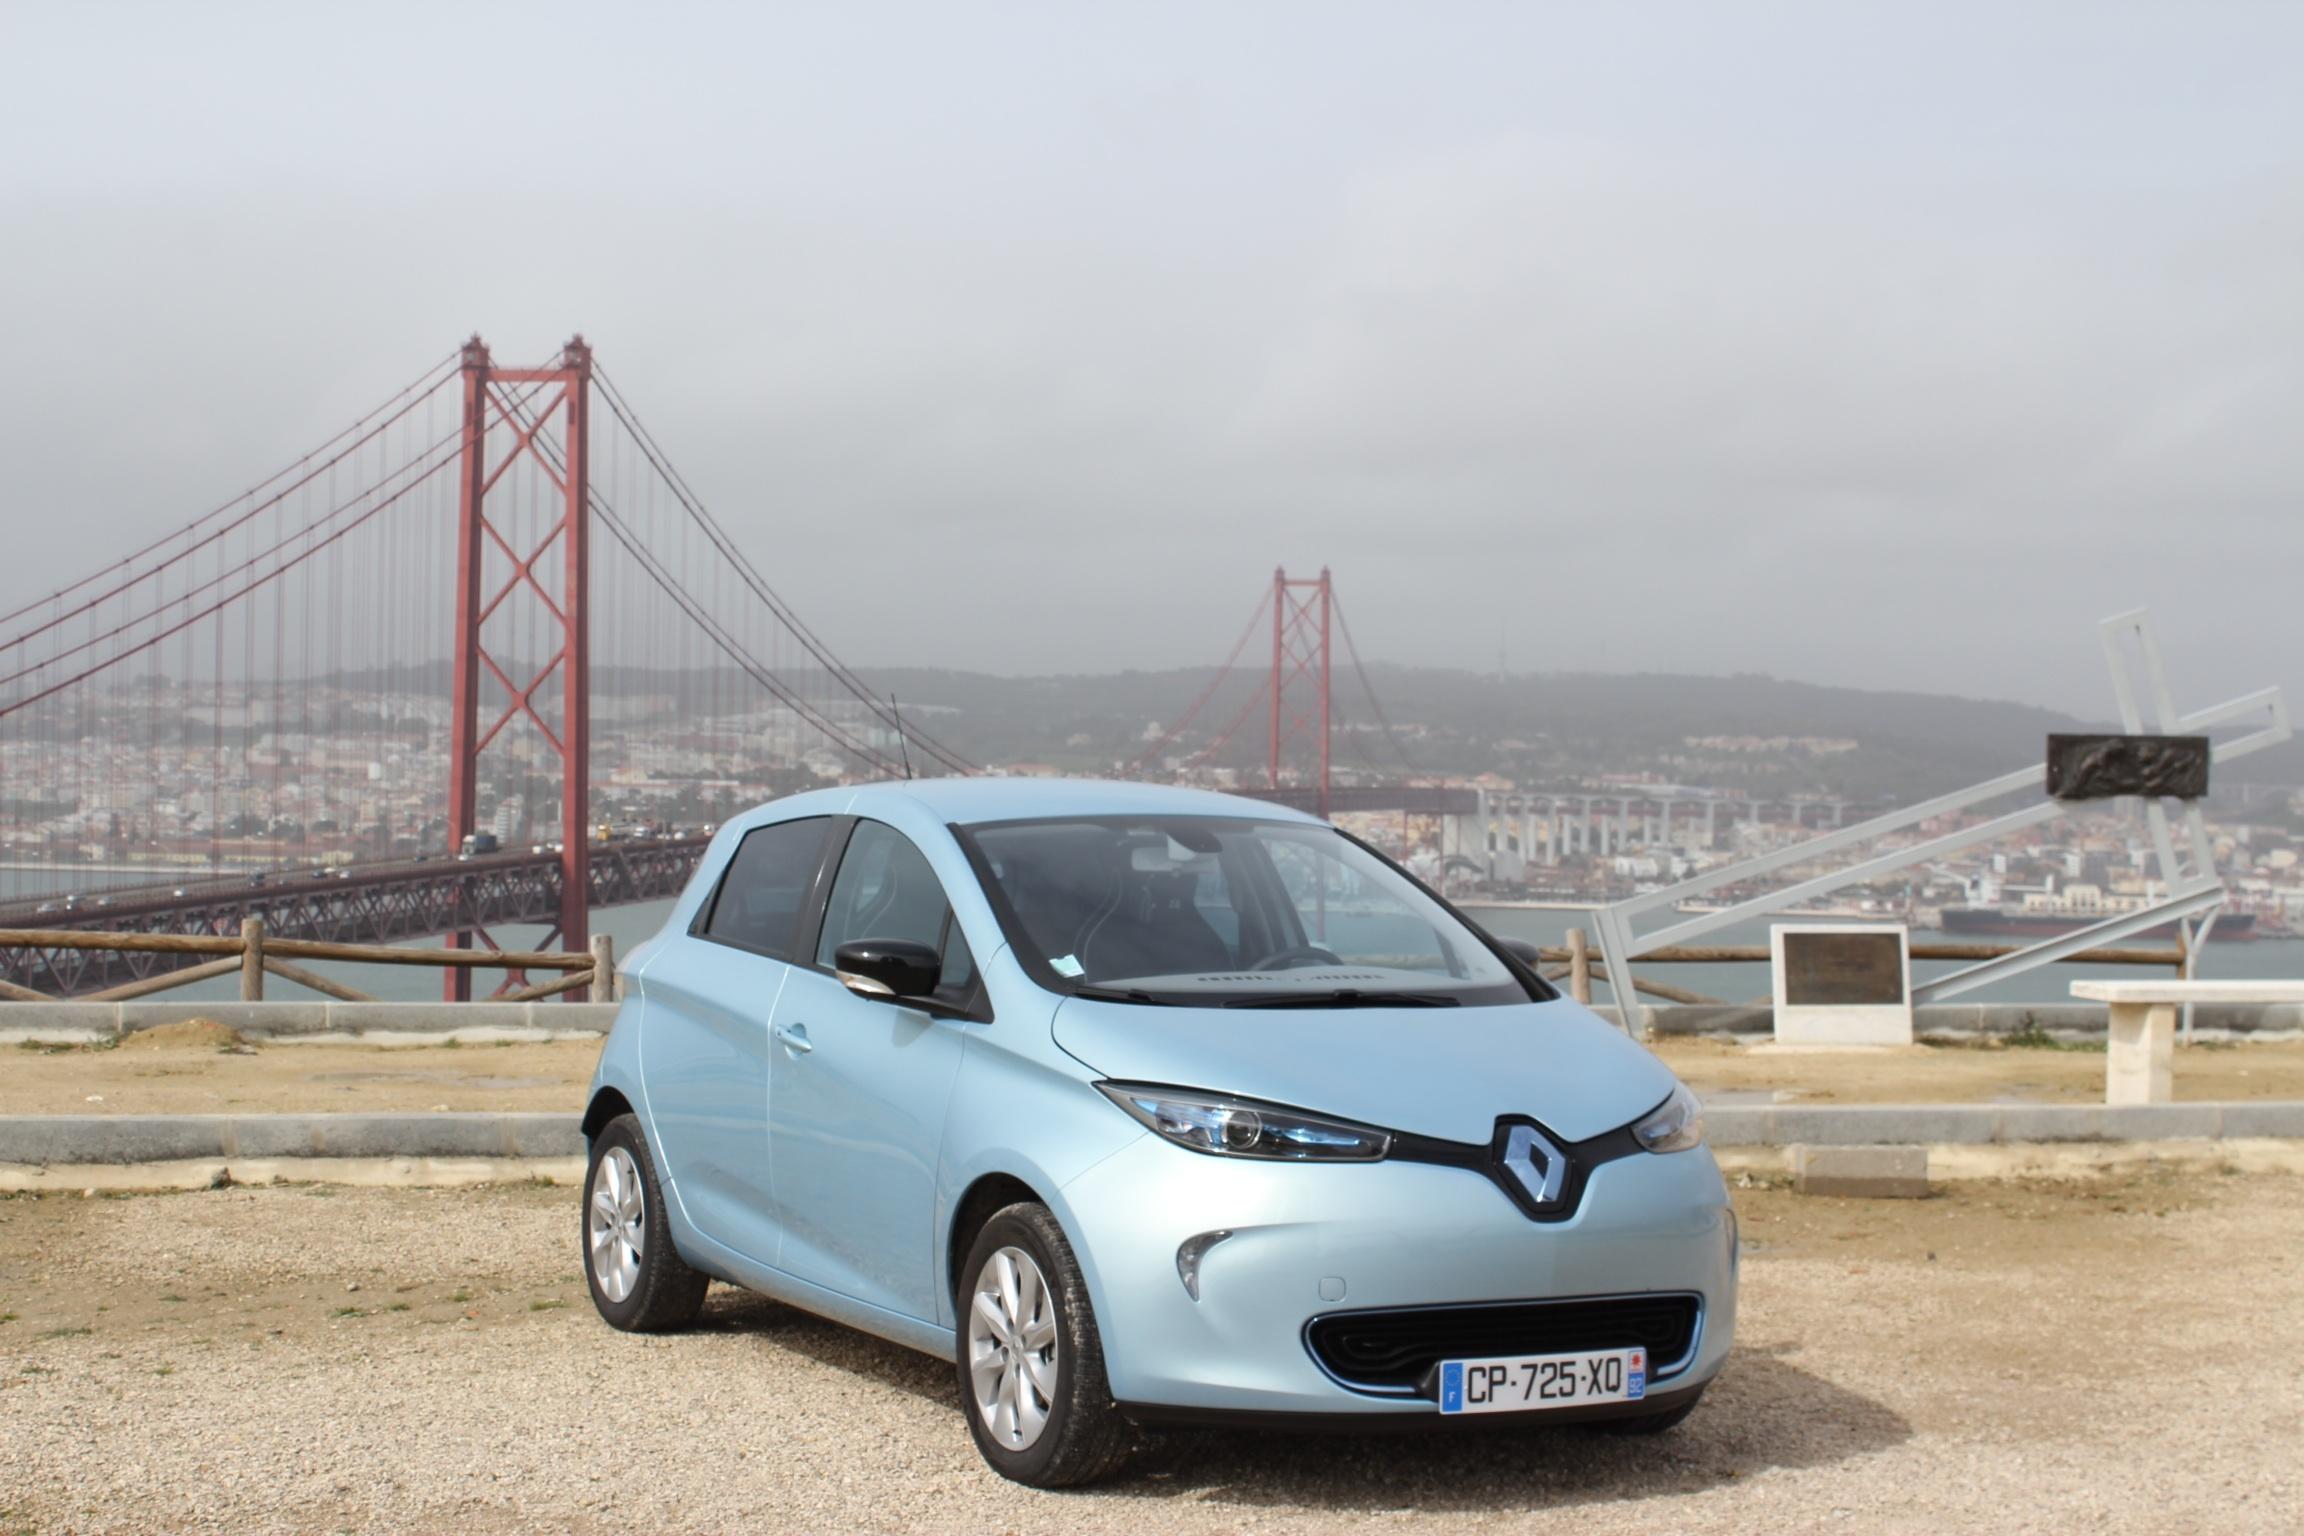 Kupowalibyśmy w Polsce elektryczne samochody, gdyby nie jeden mały szczegół